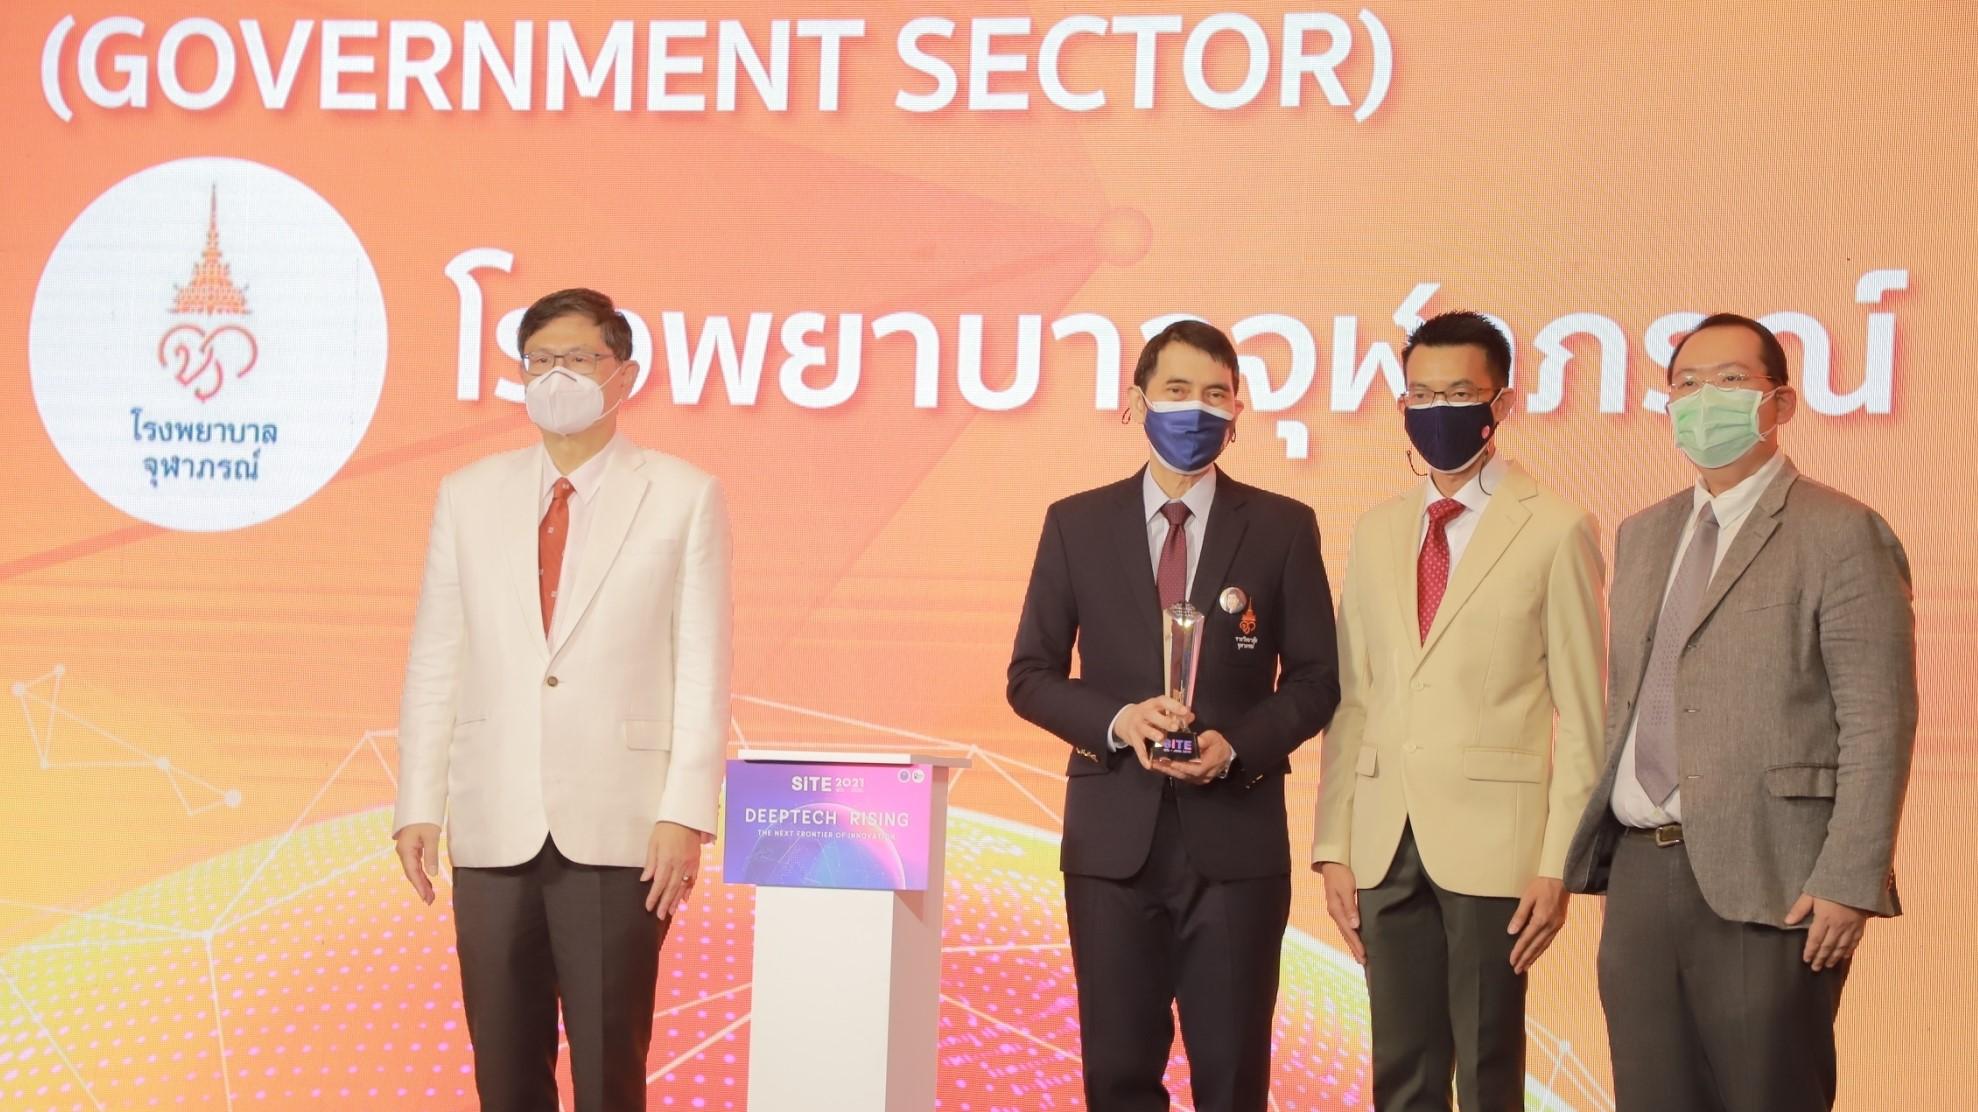 ราชวิทยาลัยจุฬาภรณ์ ได้รับรางวัล Prime Minister Awards : Innovation in Crisis